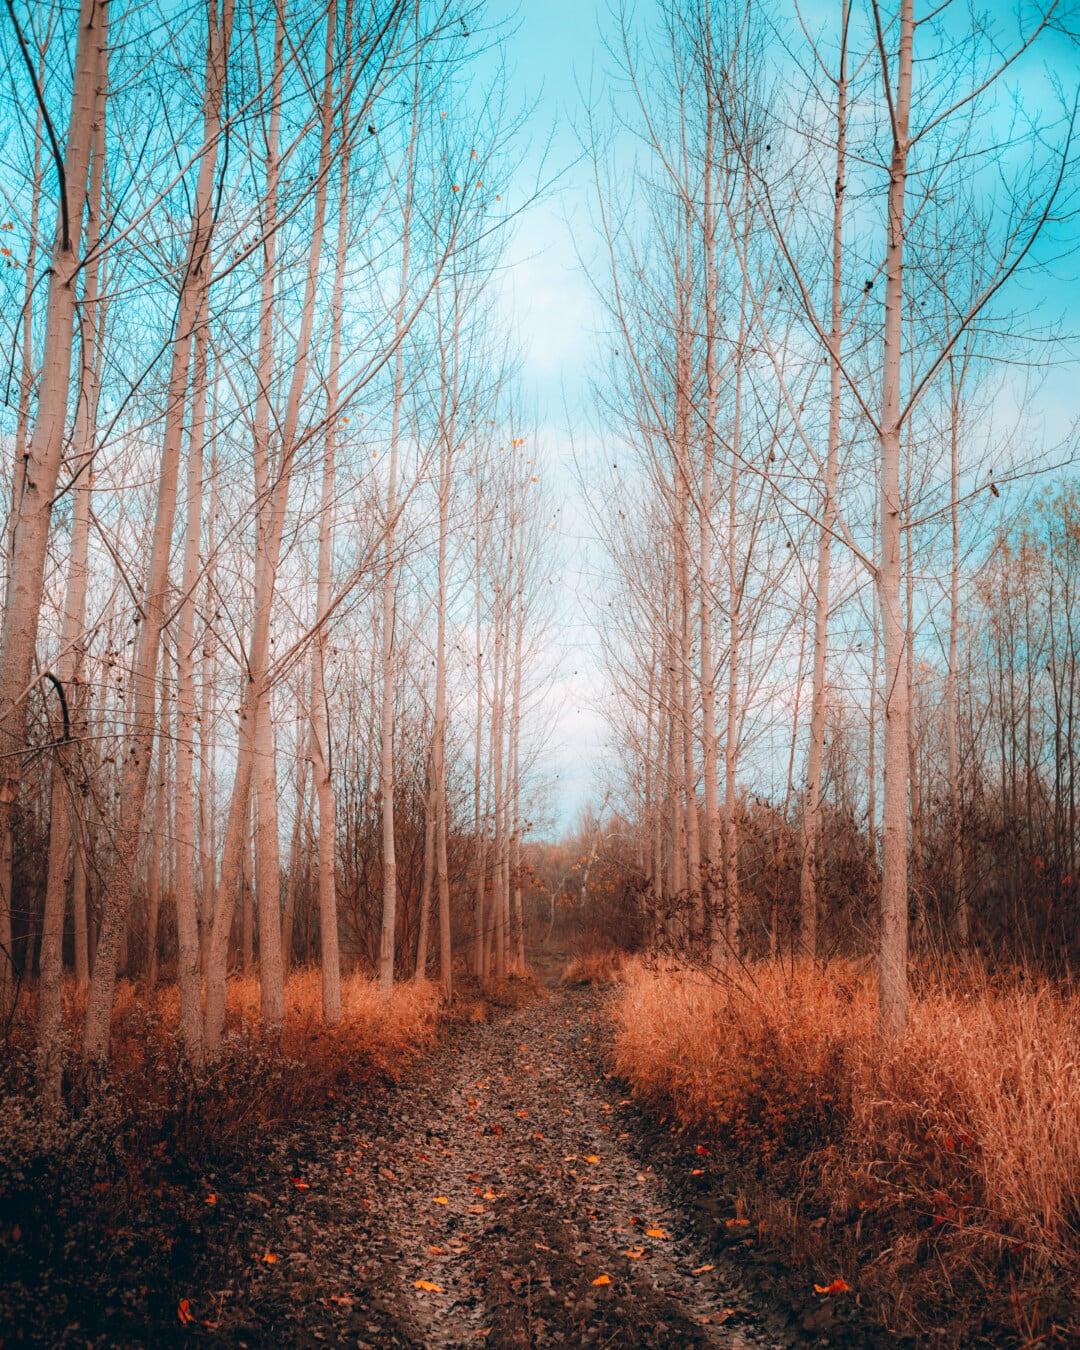 forêt, saison de l'automne, chemin forestier, automne, sentier, paysage, Hiver, bois, arbre, arbres